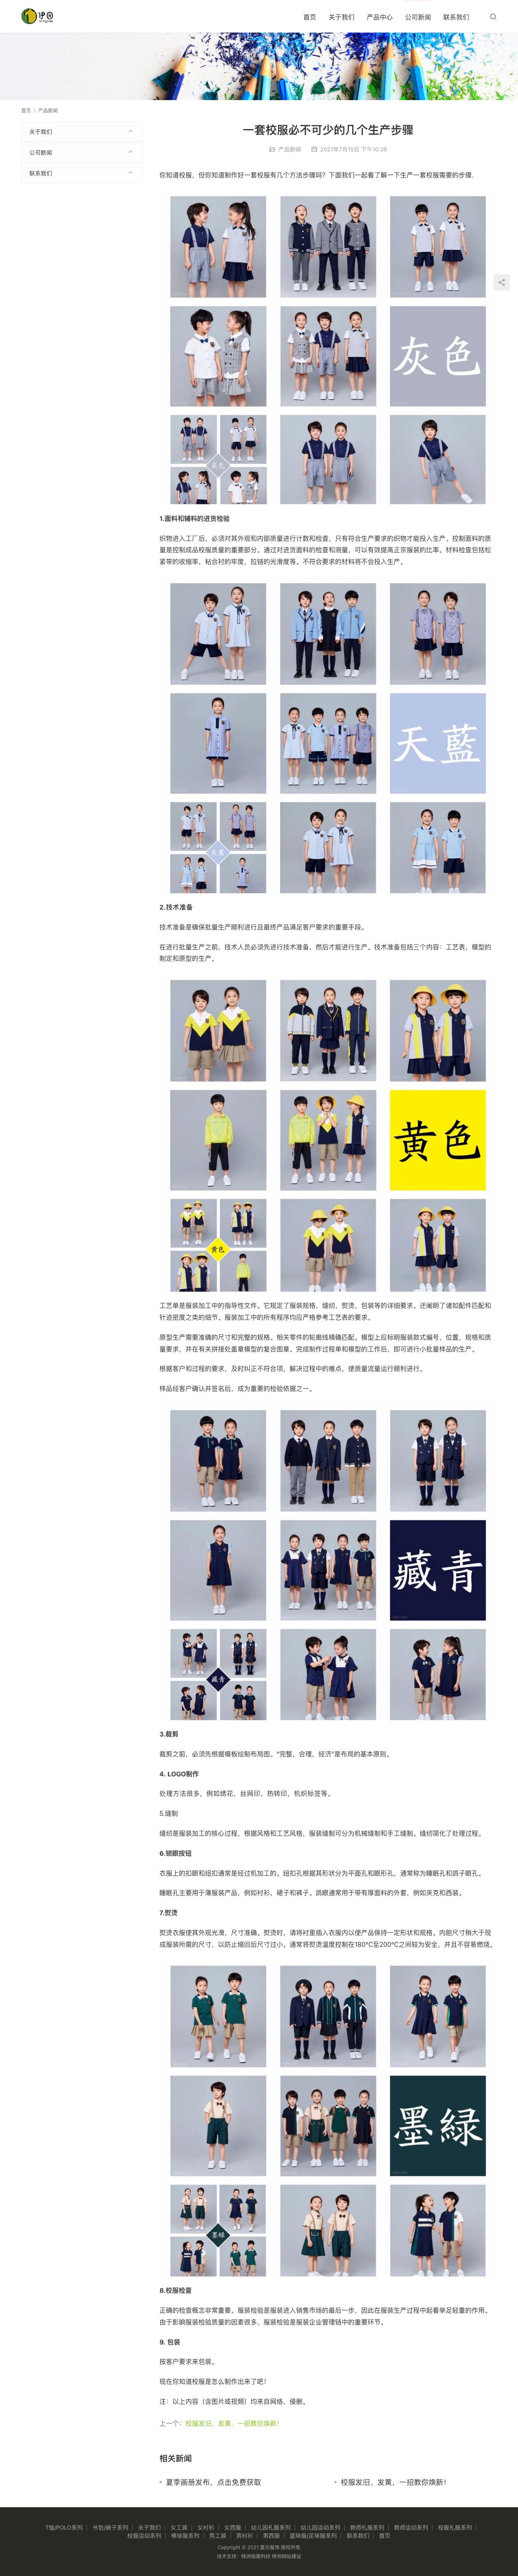 深圳市壹元服饰